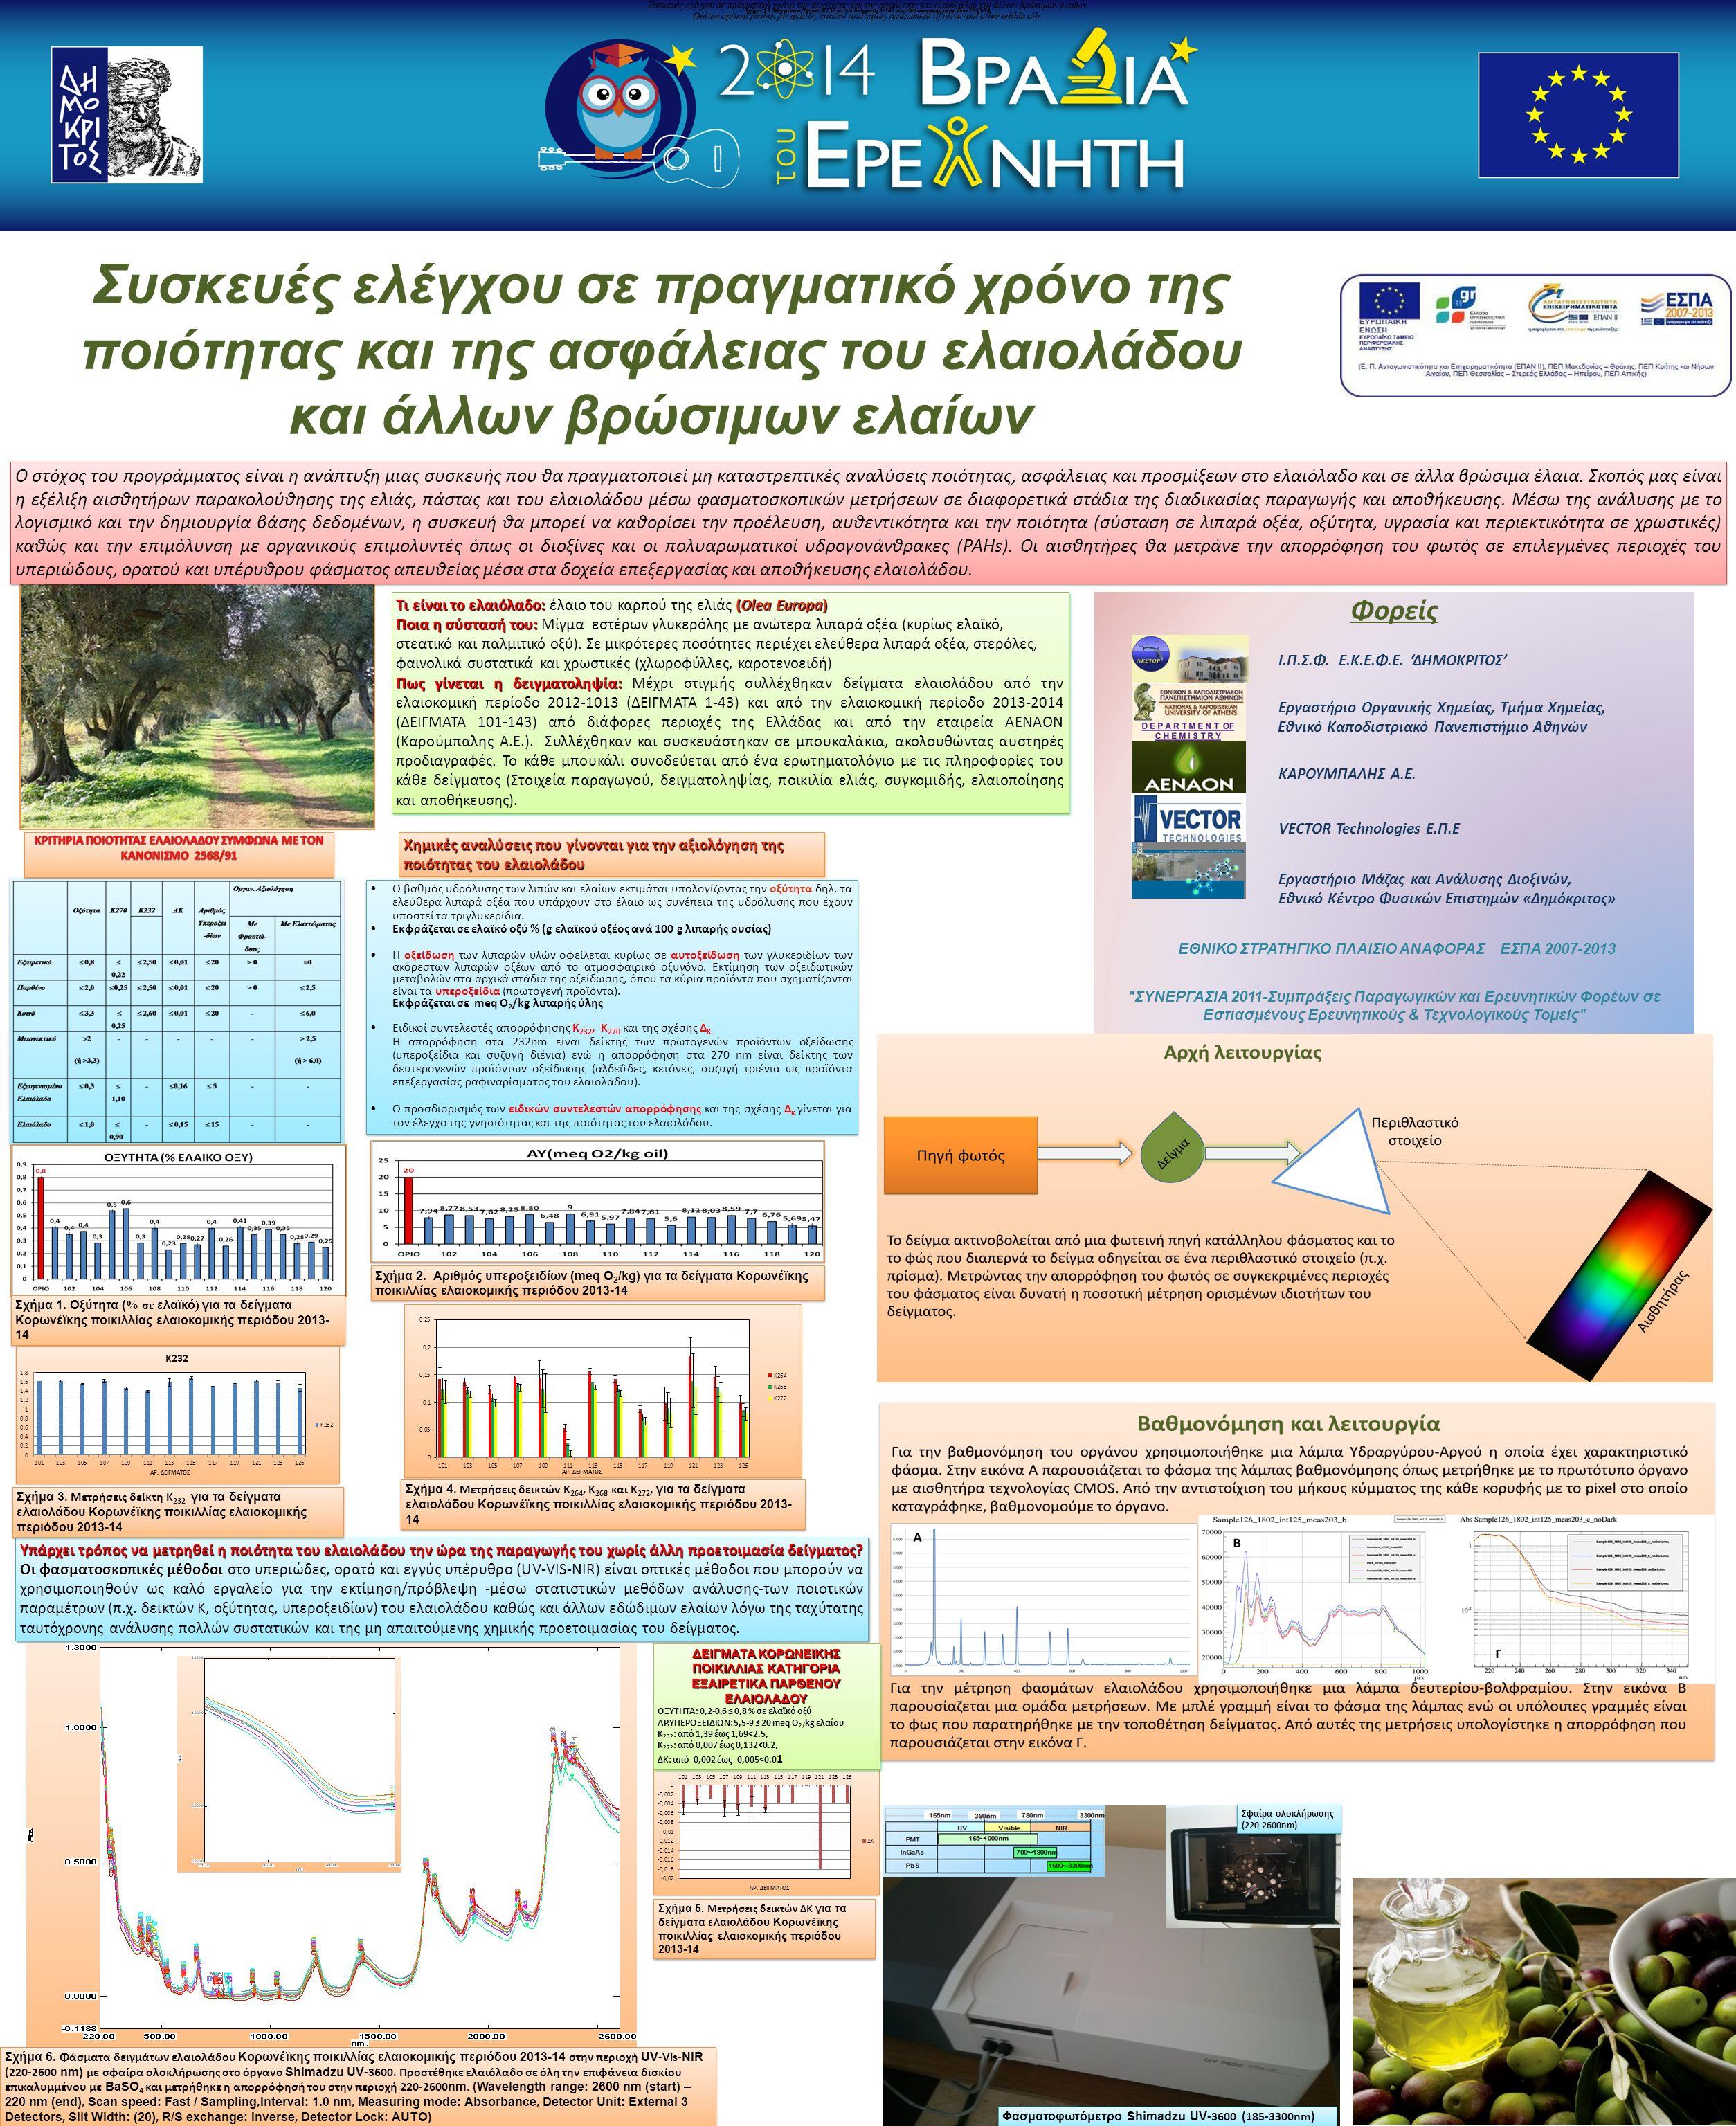 Τι είναι το ελαιόλαδο: (Olea Europa) Τι είναι το ελαιόλαδο: έλαιο του καρπού της ελιάς (Olea Europa) Ποια η σύστασή του: Ποια η σύστασή του: Μίγμα εστ